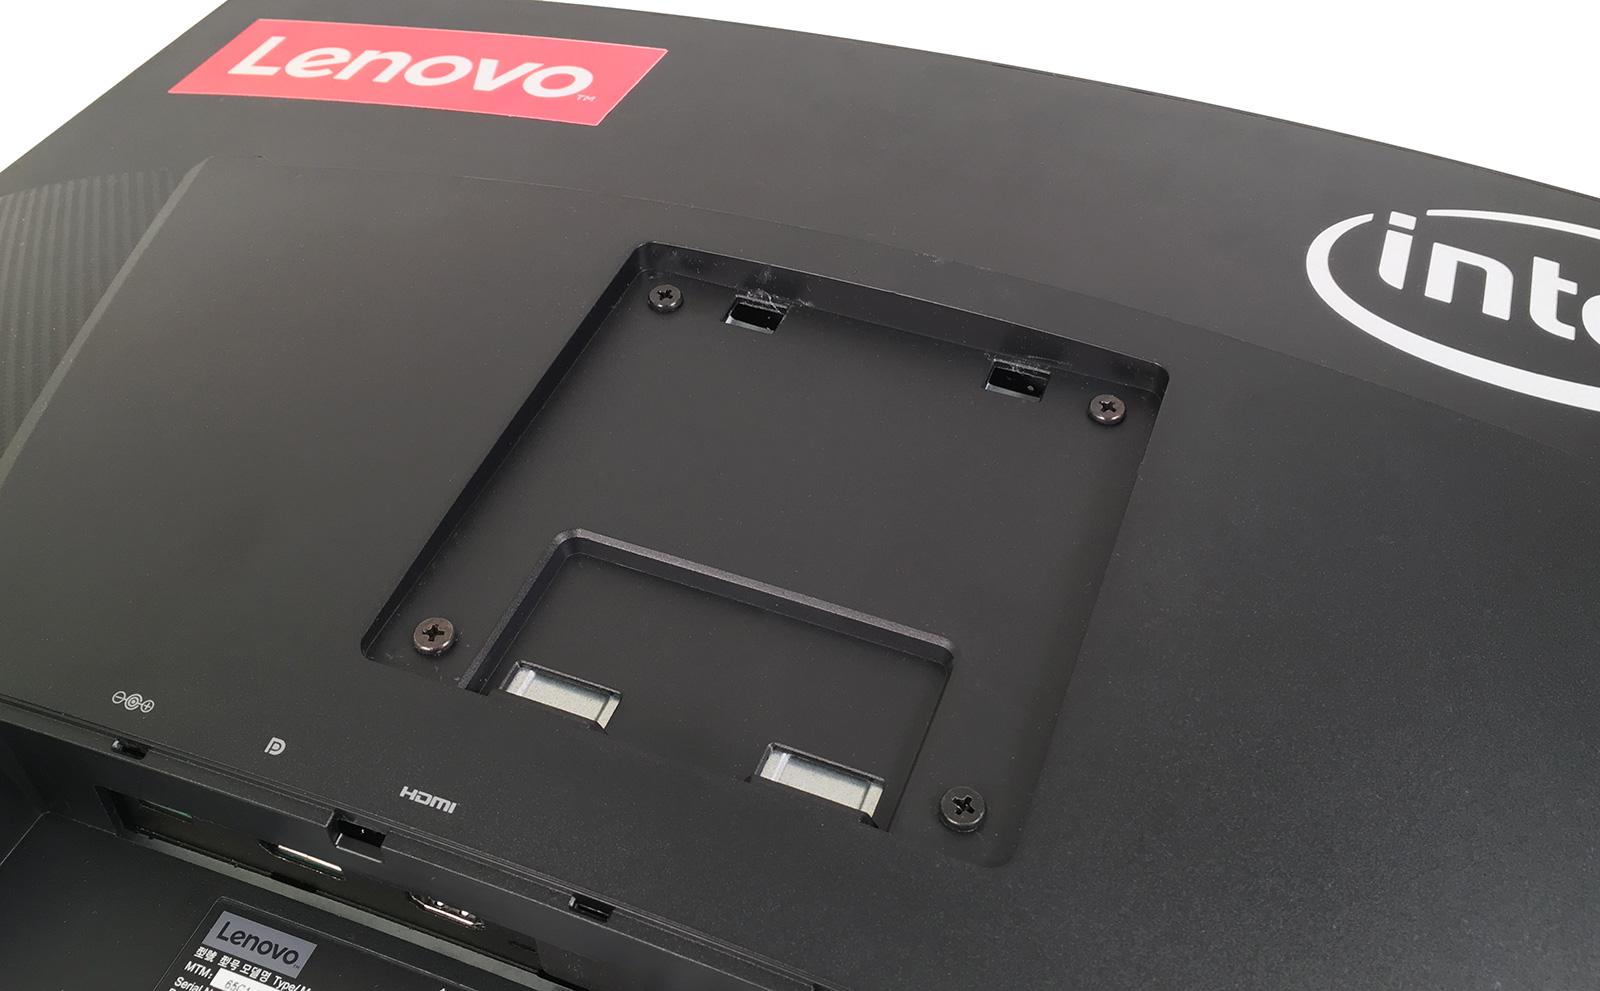 Обзор изогнутого игрового монитора Lenovo Y27g Razer Edition - 11